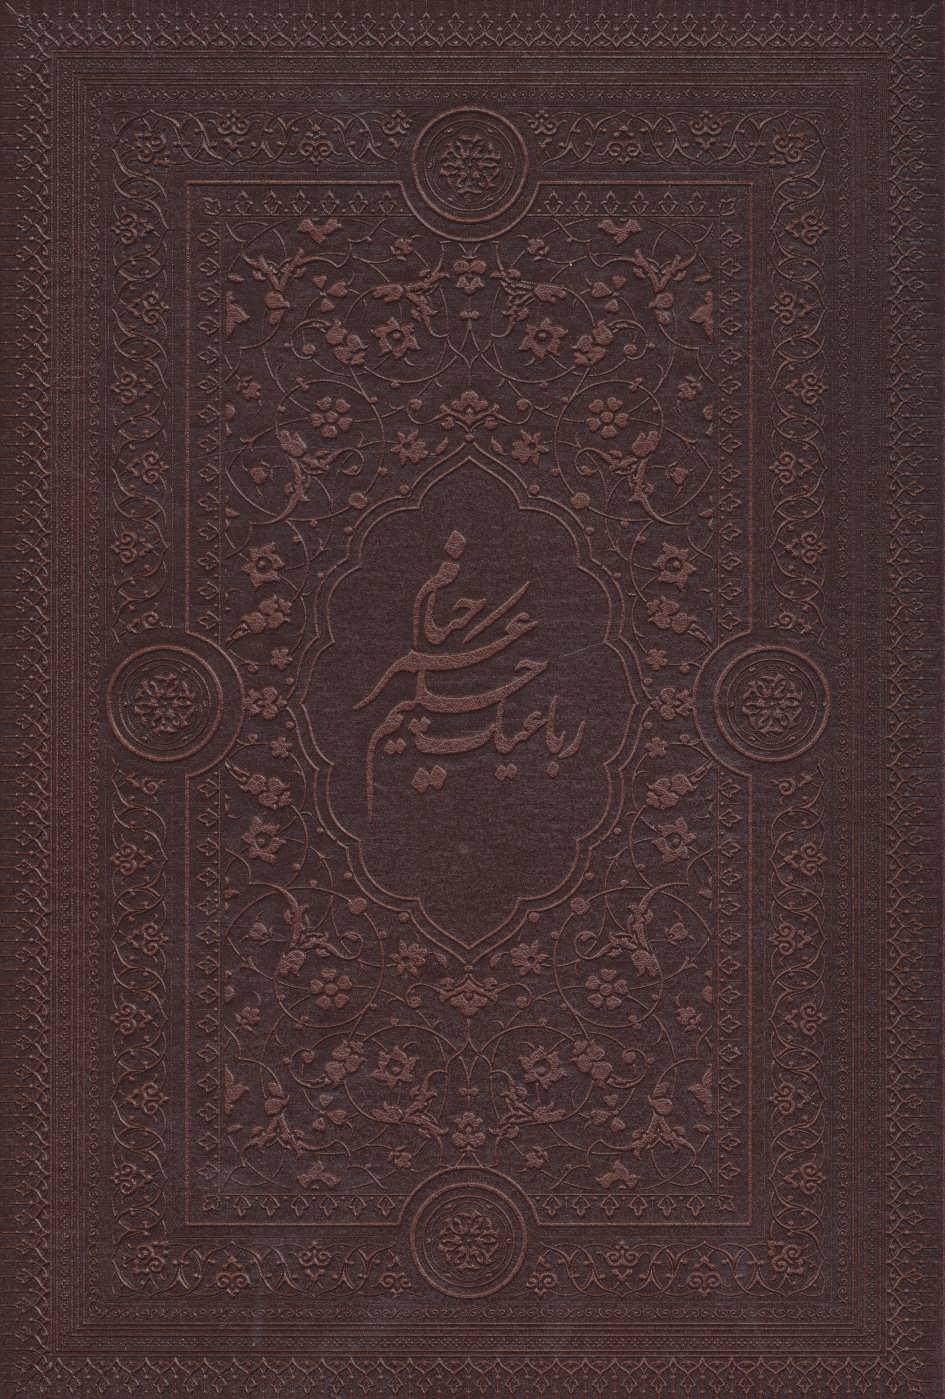 کتاب رباعیات حکیم عمر خیام (چرم)